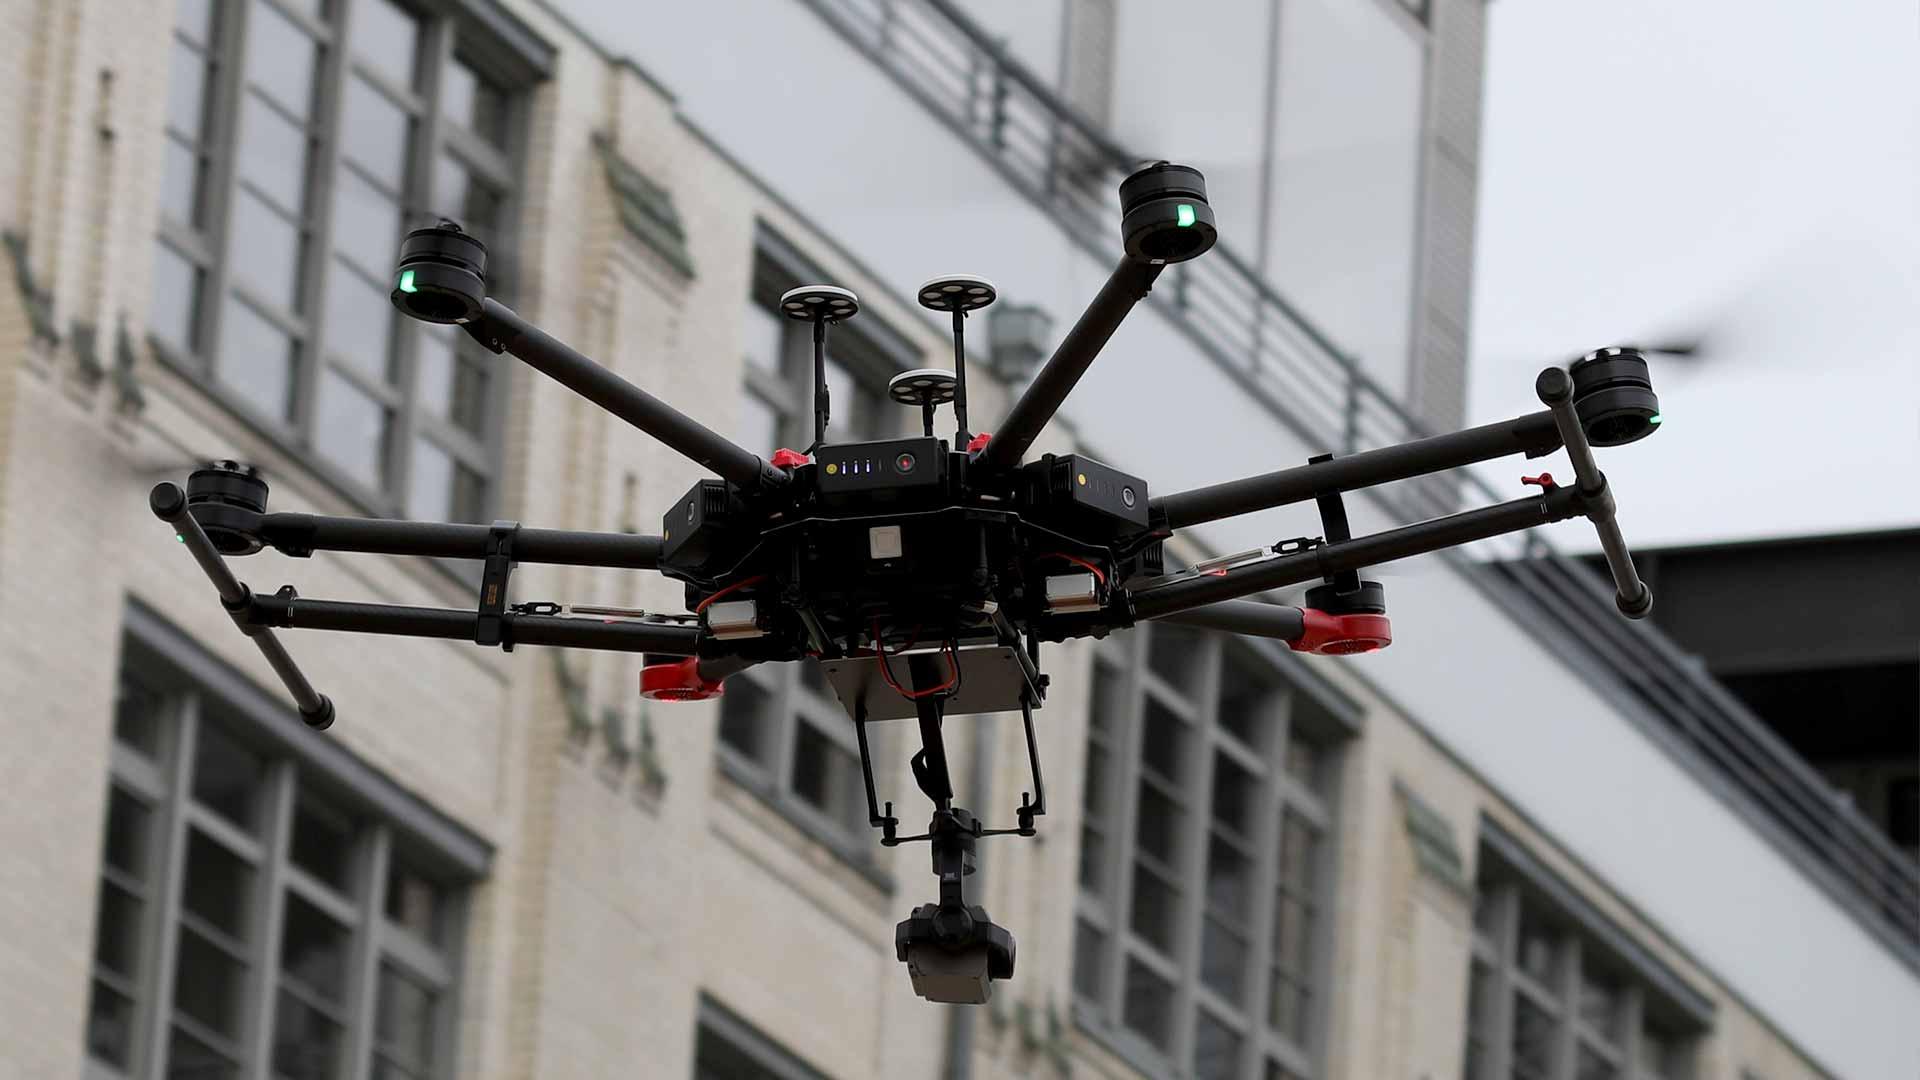 Drohnen - Einsatz Schadenserhebung, bauphysikalische Grundlagenmessung, Vermessung, Photogrammetrie… als Grundlage der Gutachtenerstattung und Beweissicherung.